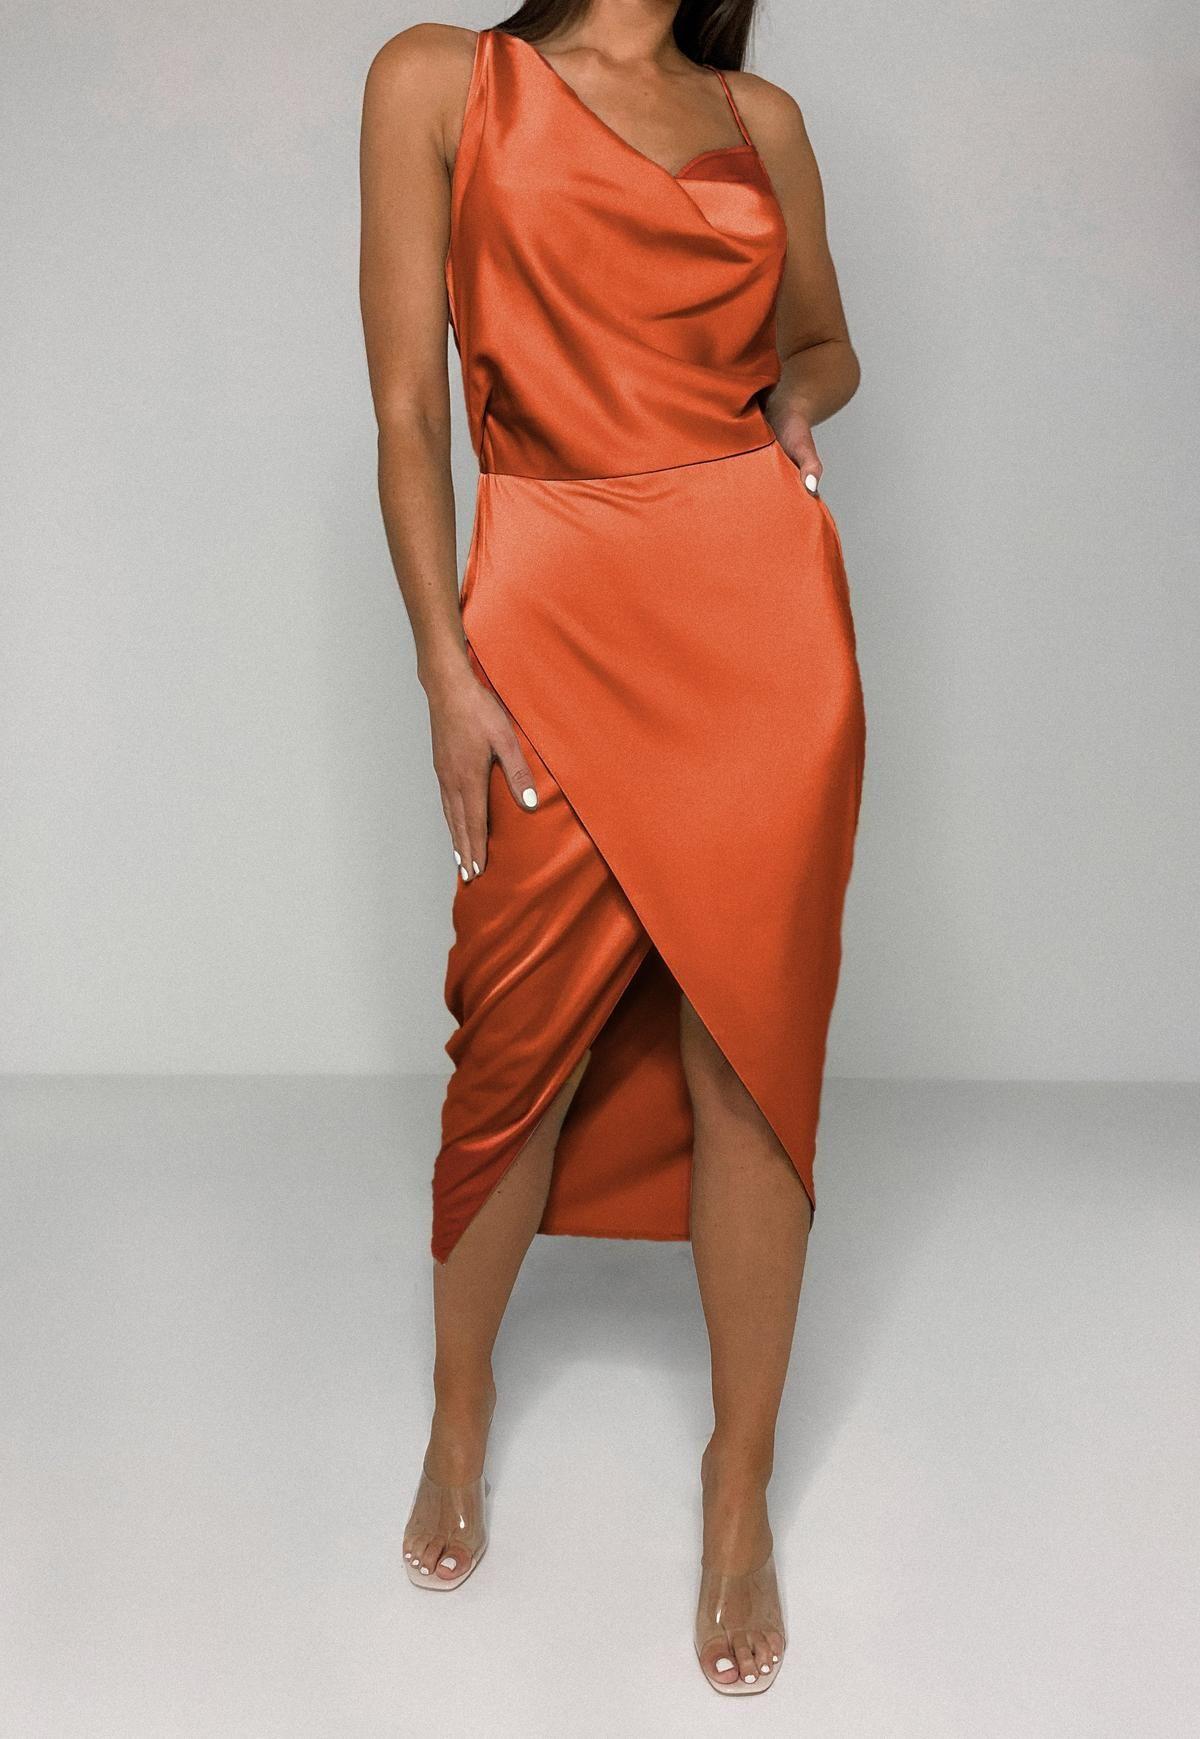 Missguided Cream Satin Asymmetric Drape Midi Dress Draped Midi Dresses Rust Dress Dresses To Wear To A Wedding [ 1739 x 1200 Pixel ]